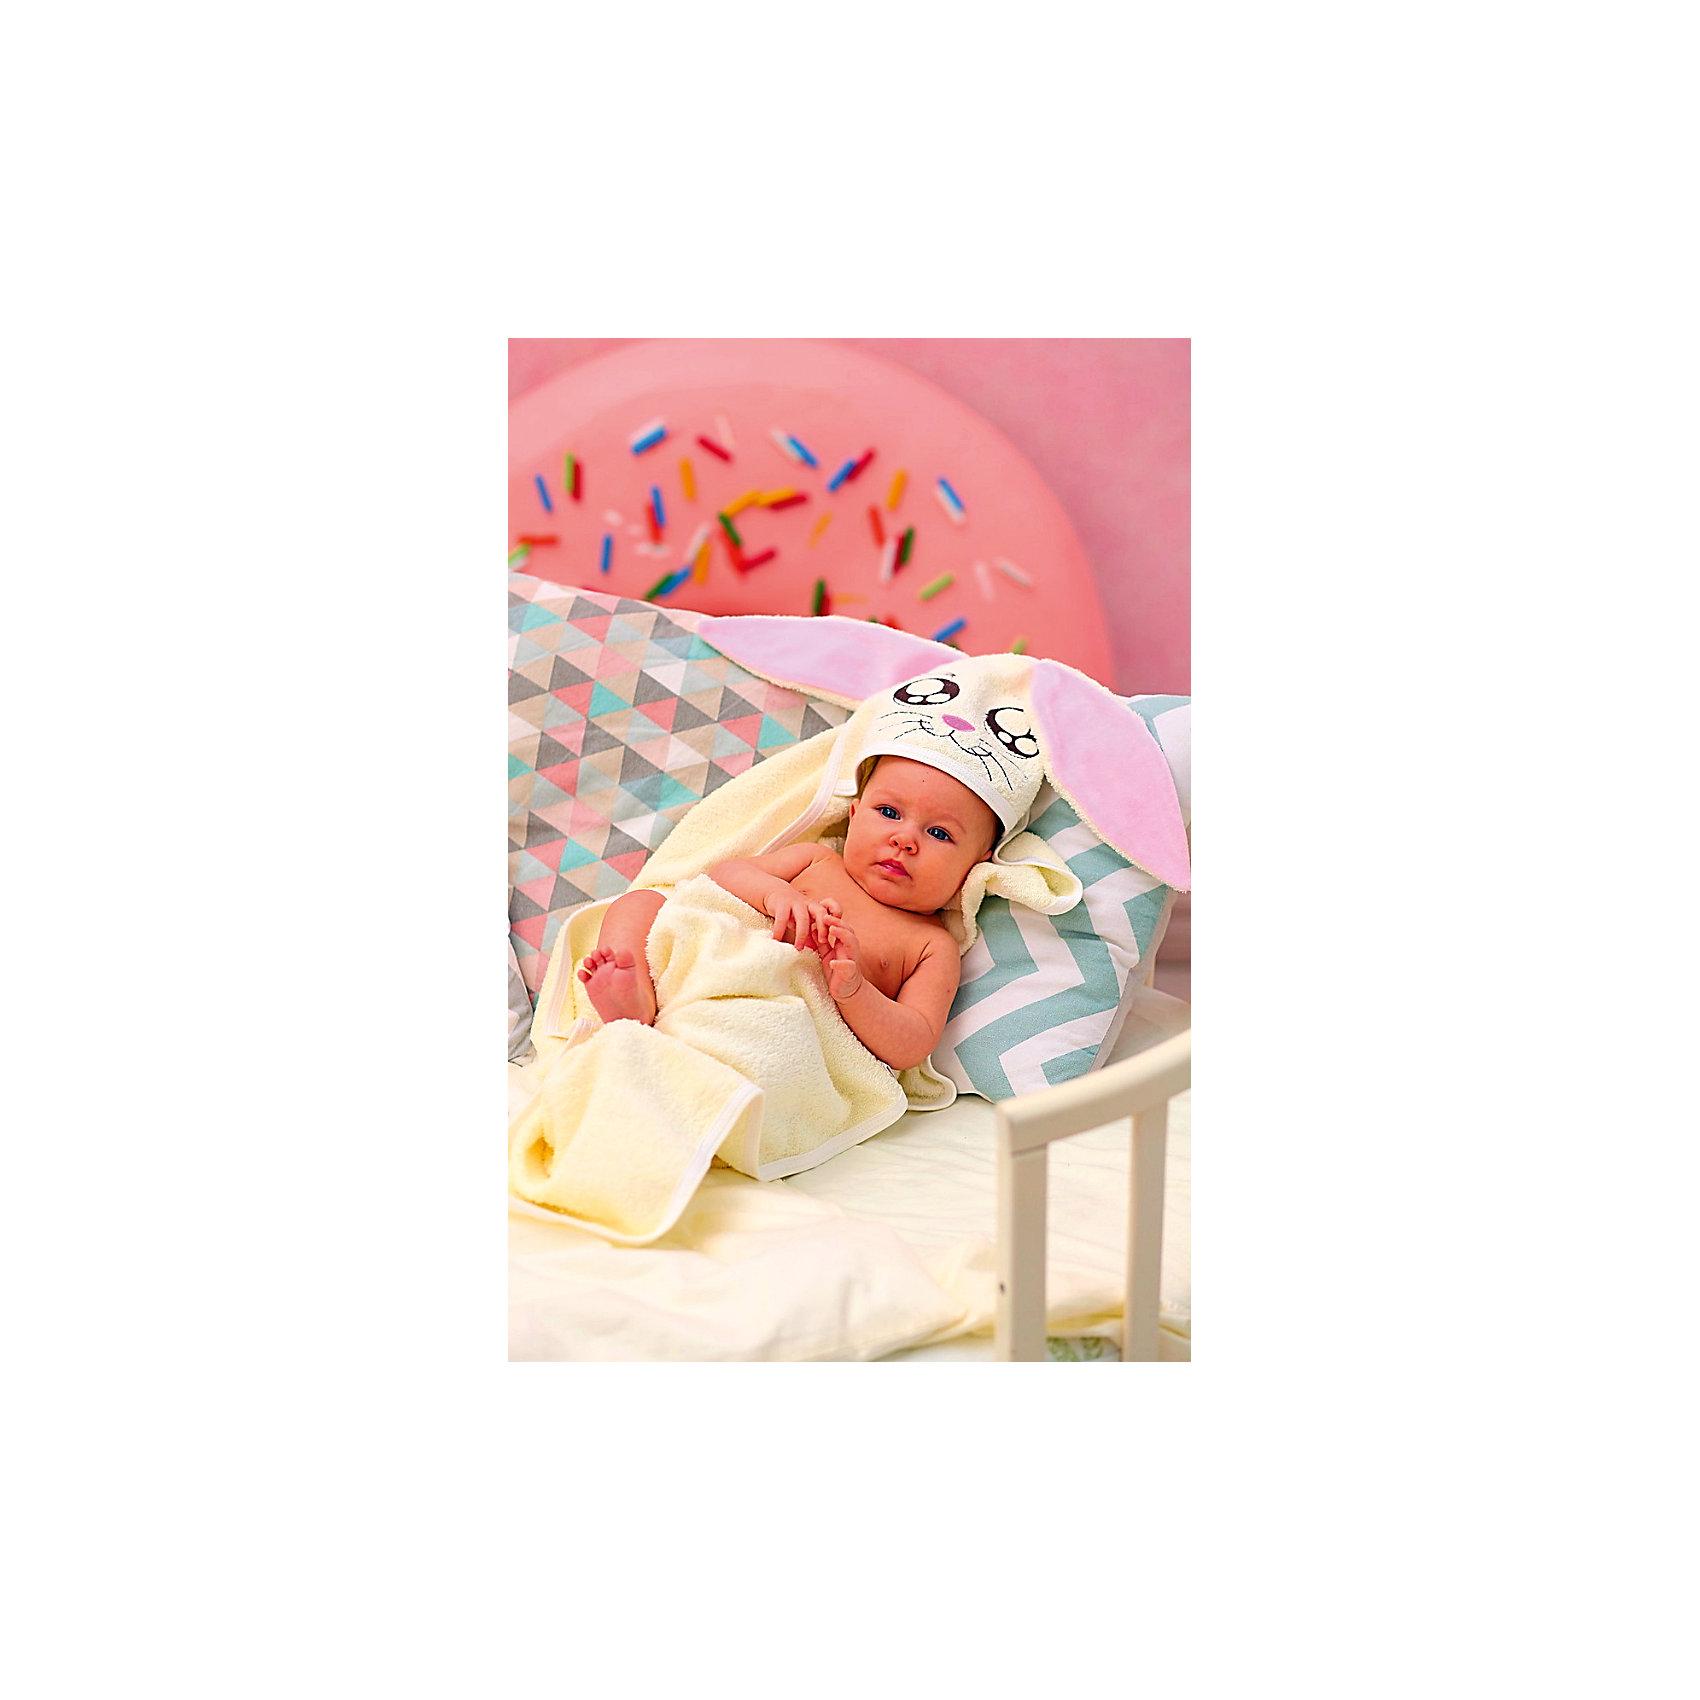 Полотенце с капюшоном Зайки Fun Dry, Twinklbaby, бежево-розовыйПолотенца, мочалки, халаты<br>Полотенце с капюшономFUN DRY ЗАЙКИ, цвет Светло-бежевый с розовыми ушками<br><br>Ширина мм: 370<br>Глубина мм: 340<br>Высота мм: 10<br>Вес г: 300<br>Возраст от месяцев: 1<br>Возраст до месяцев: 60<br>Пол: Унисекс<br>Возраст: Детский<br>SKU: 6772413